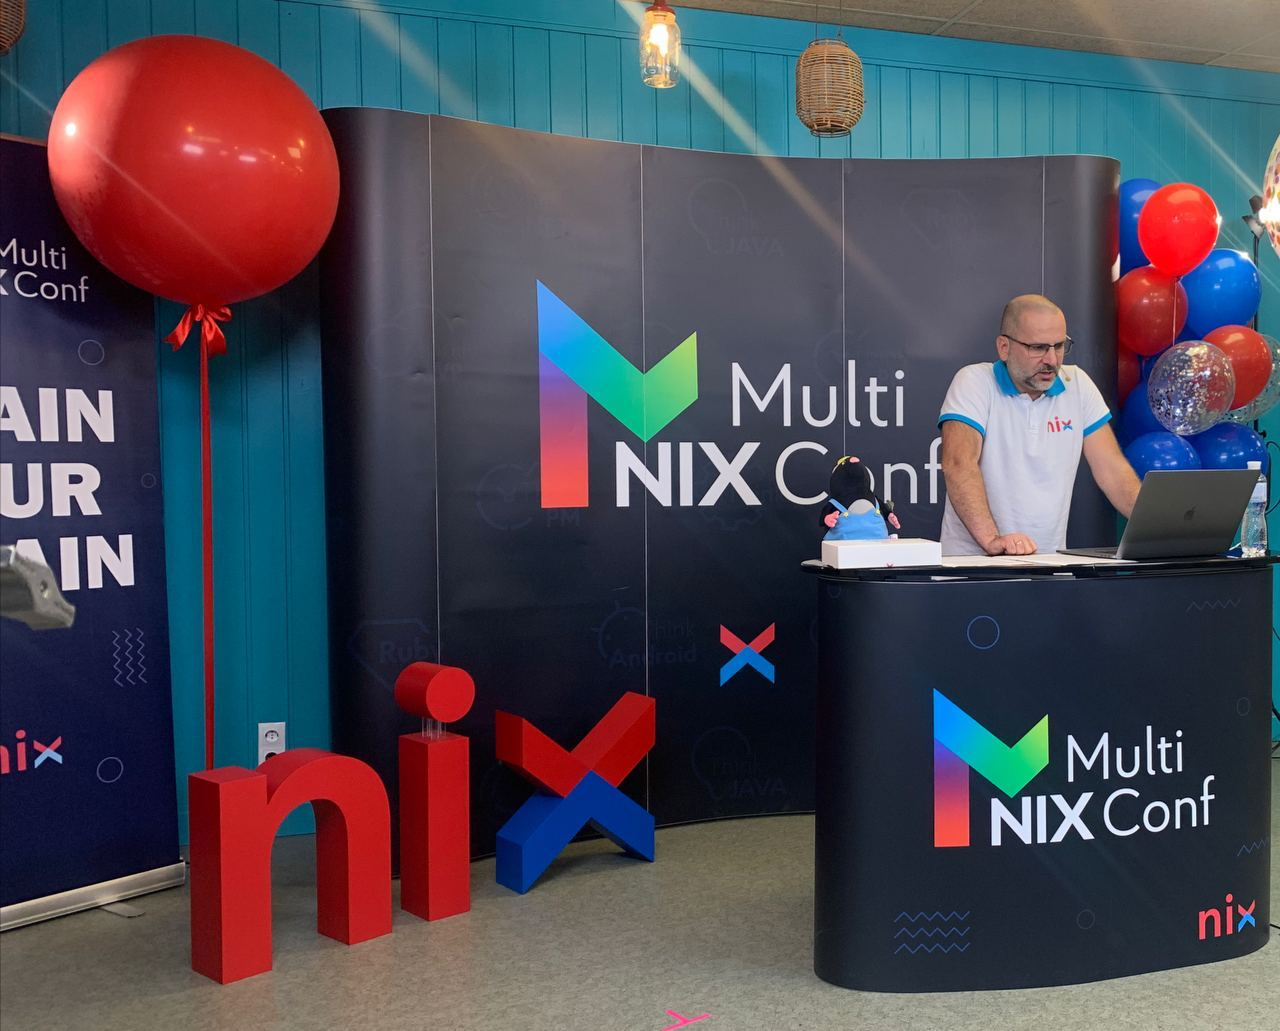 2020-10-30-12.14.13 Як NIXMultiConf стала найбільшою в Україні онлайн IT-конференцією і зібрала 17 тис глядачів із 13 країн